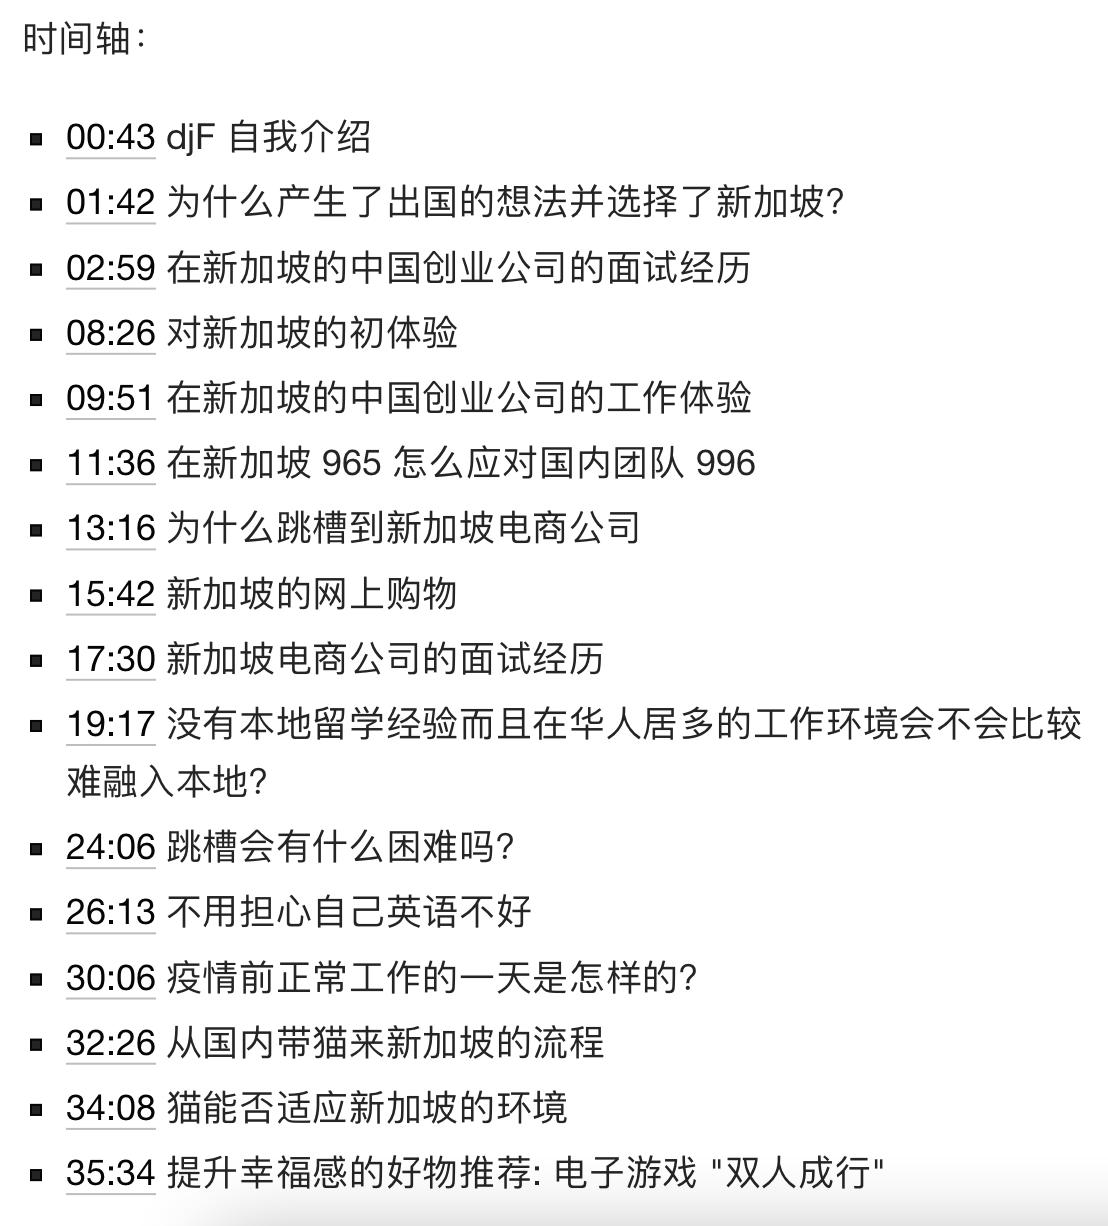 Screenshot 2021-05-20 at 10.17.15 AM.png